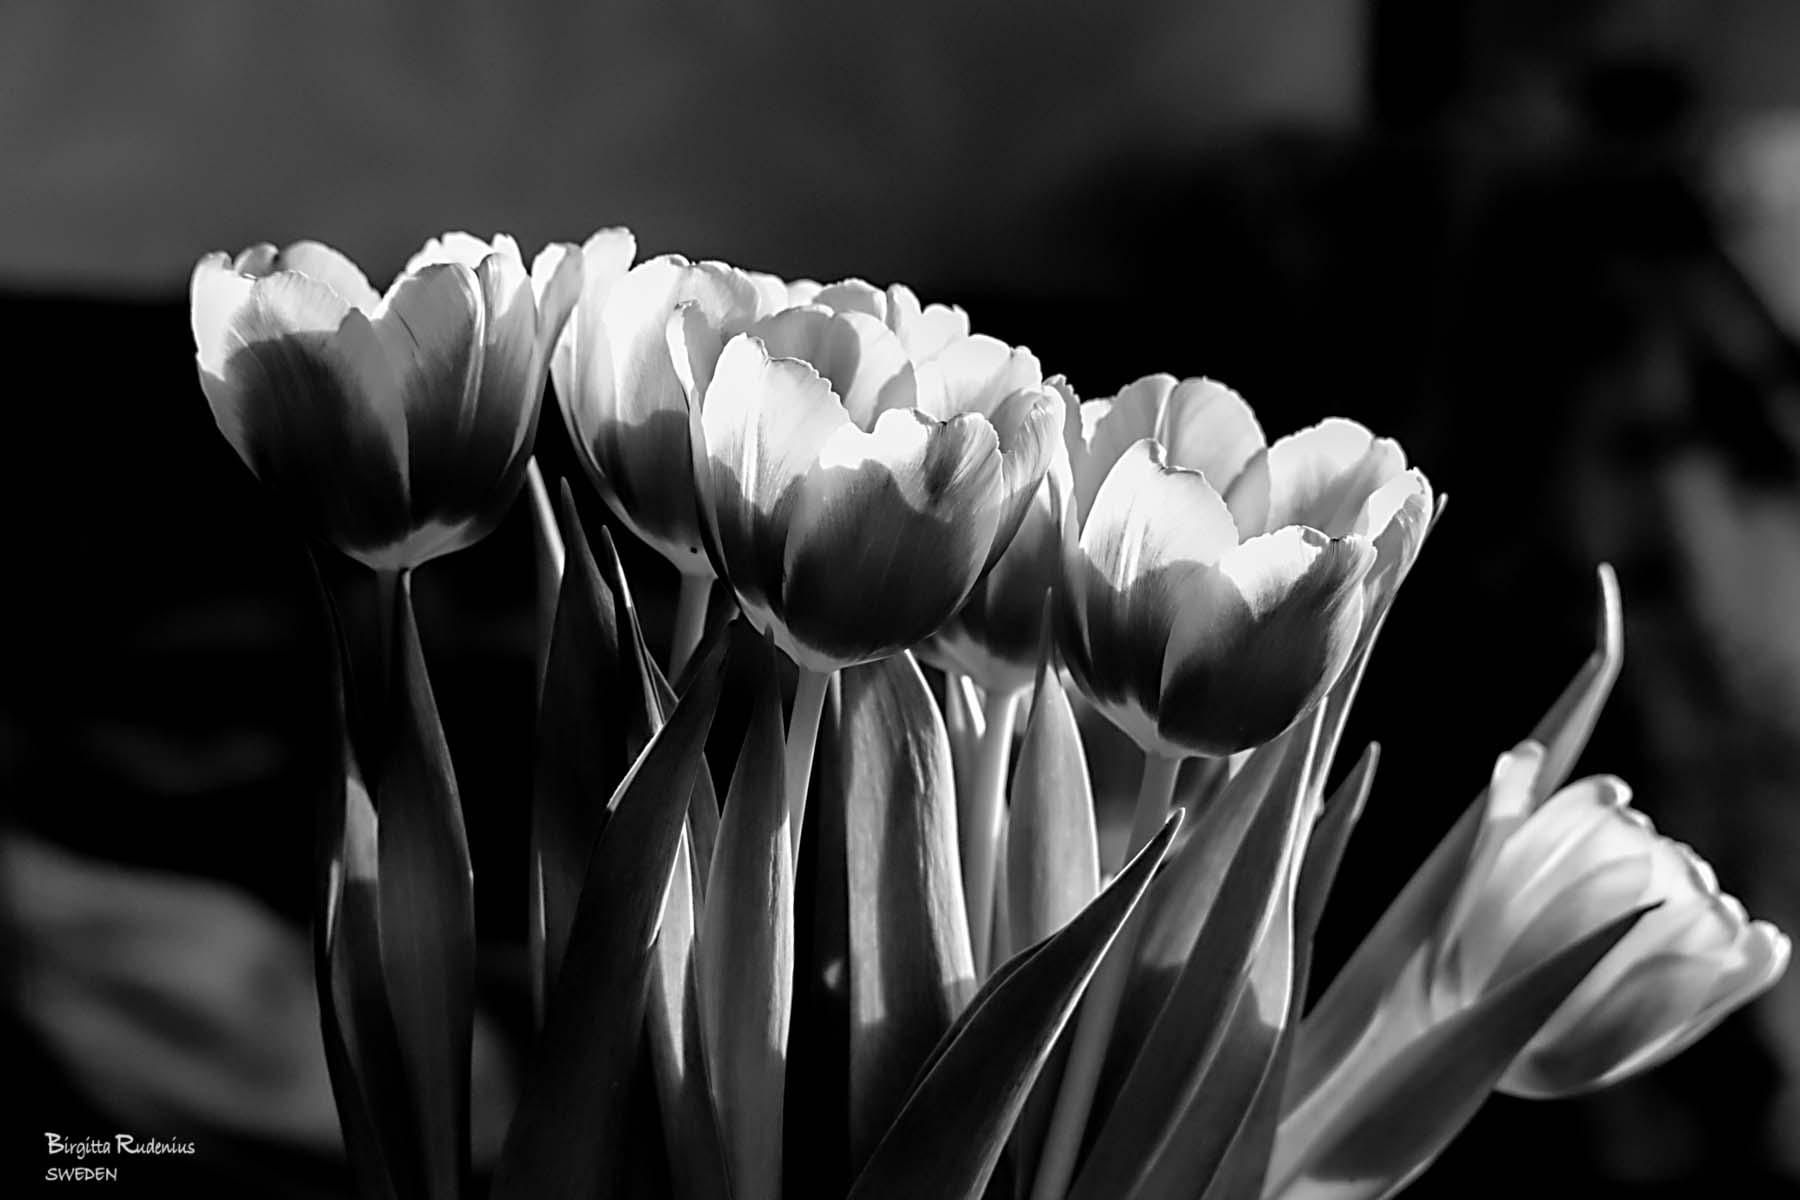 Black & White Flowers © Birgitta Rudenius